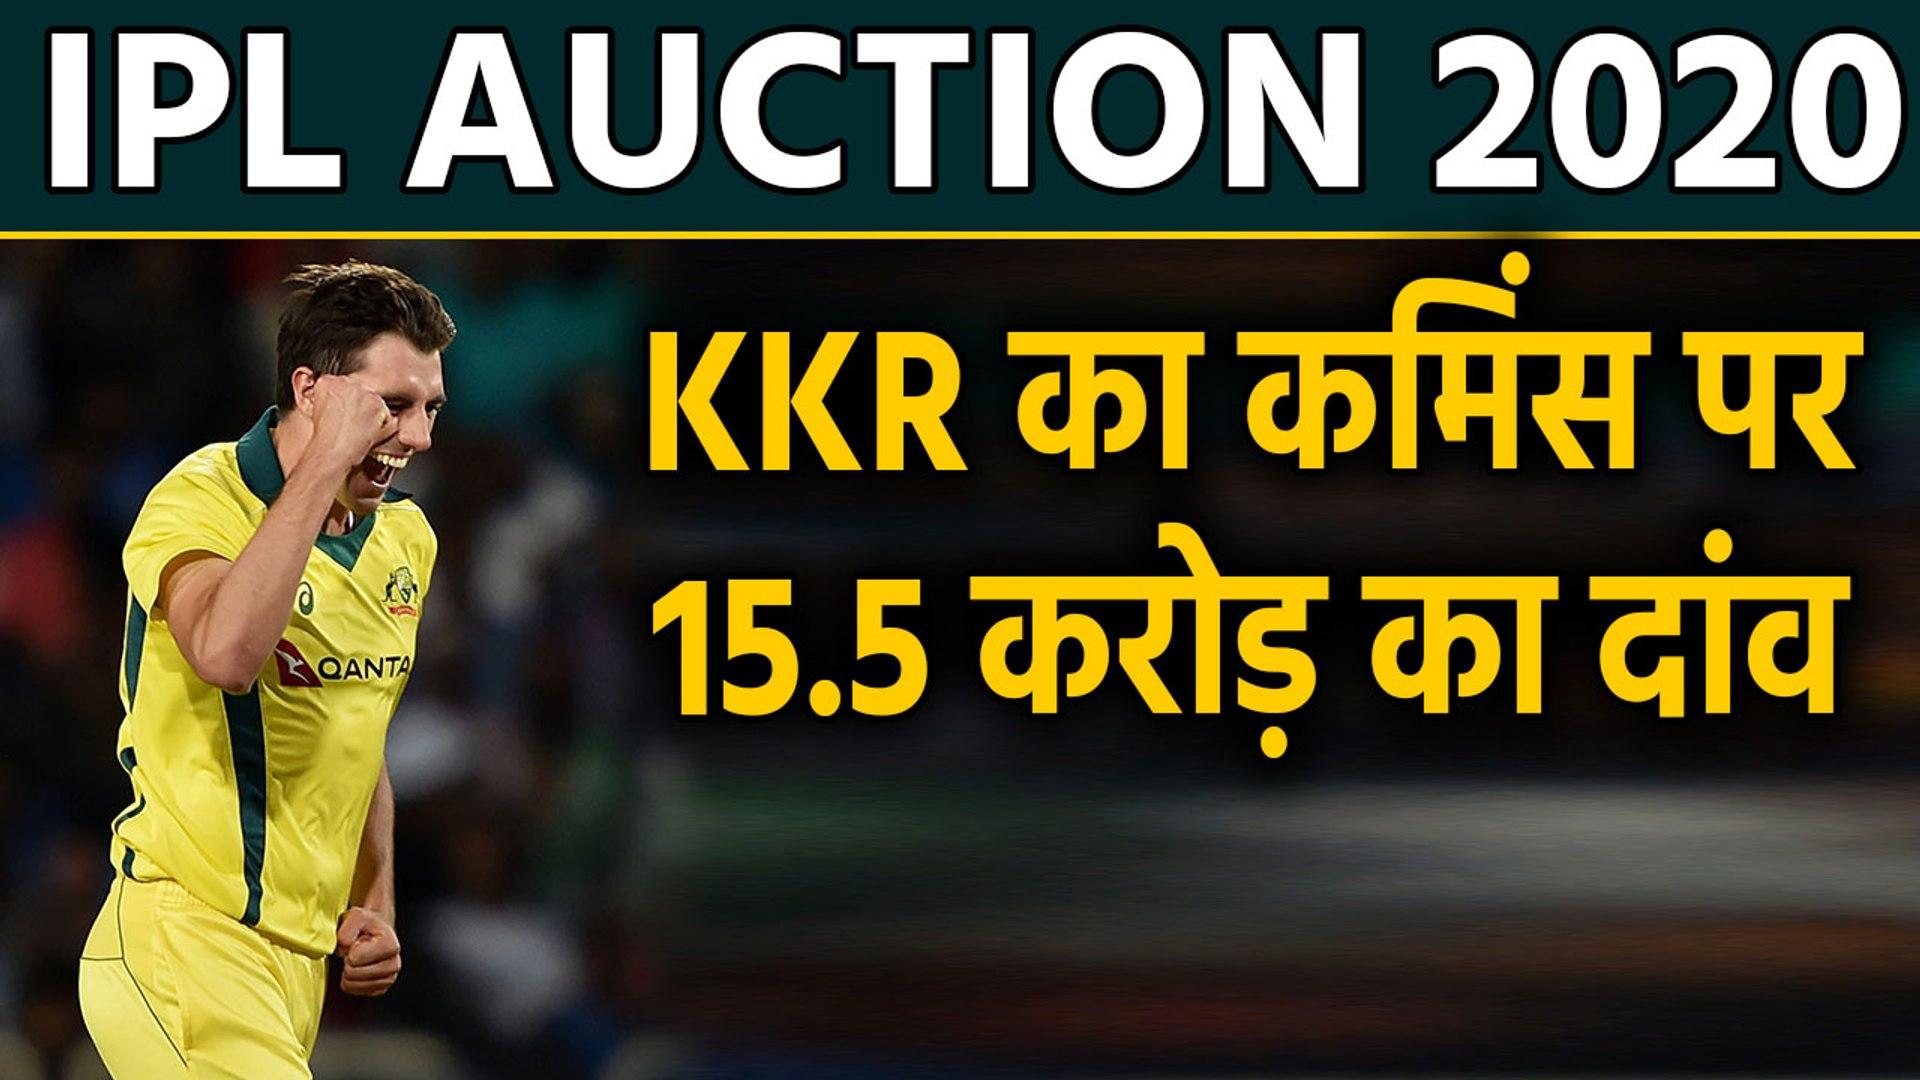 IPL Auction 2020 : Pat Cummins को KKR ने 15.5 करोड़ में खरीदा   वनइंडिया हिंदी